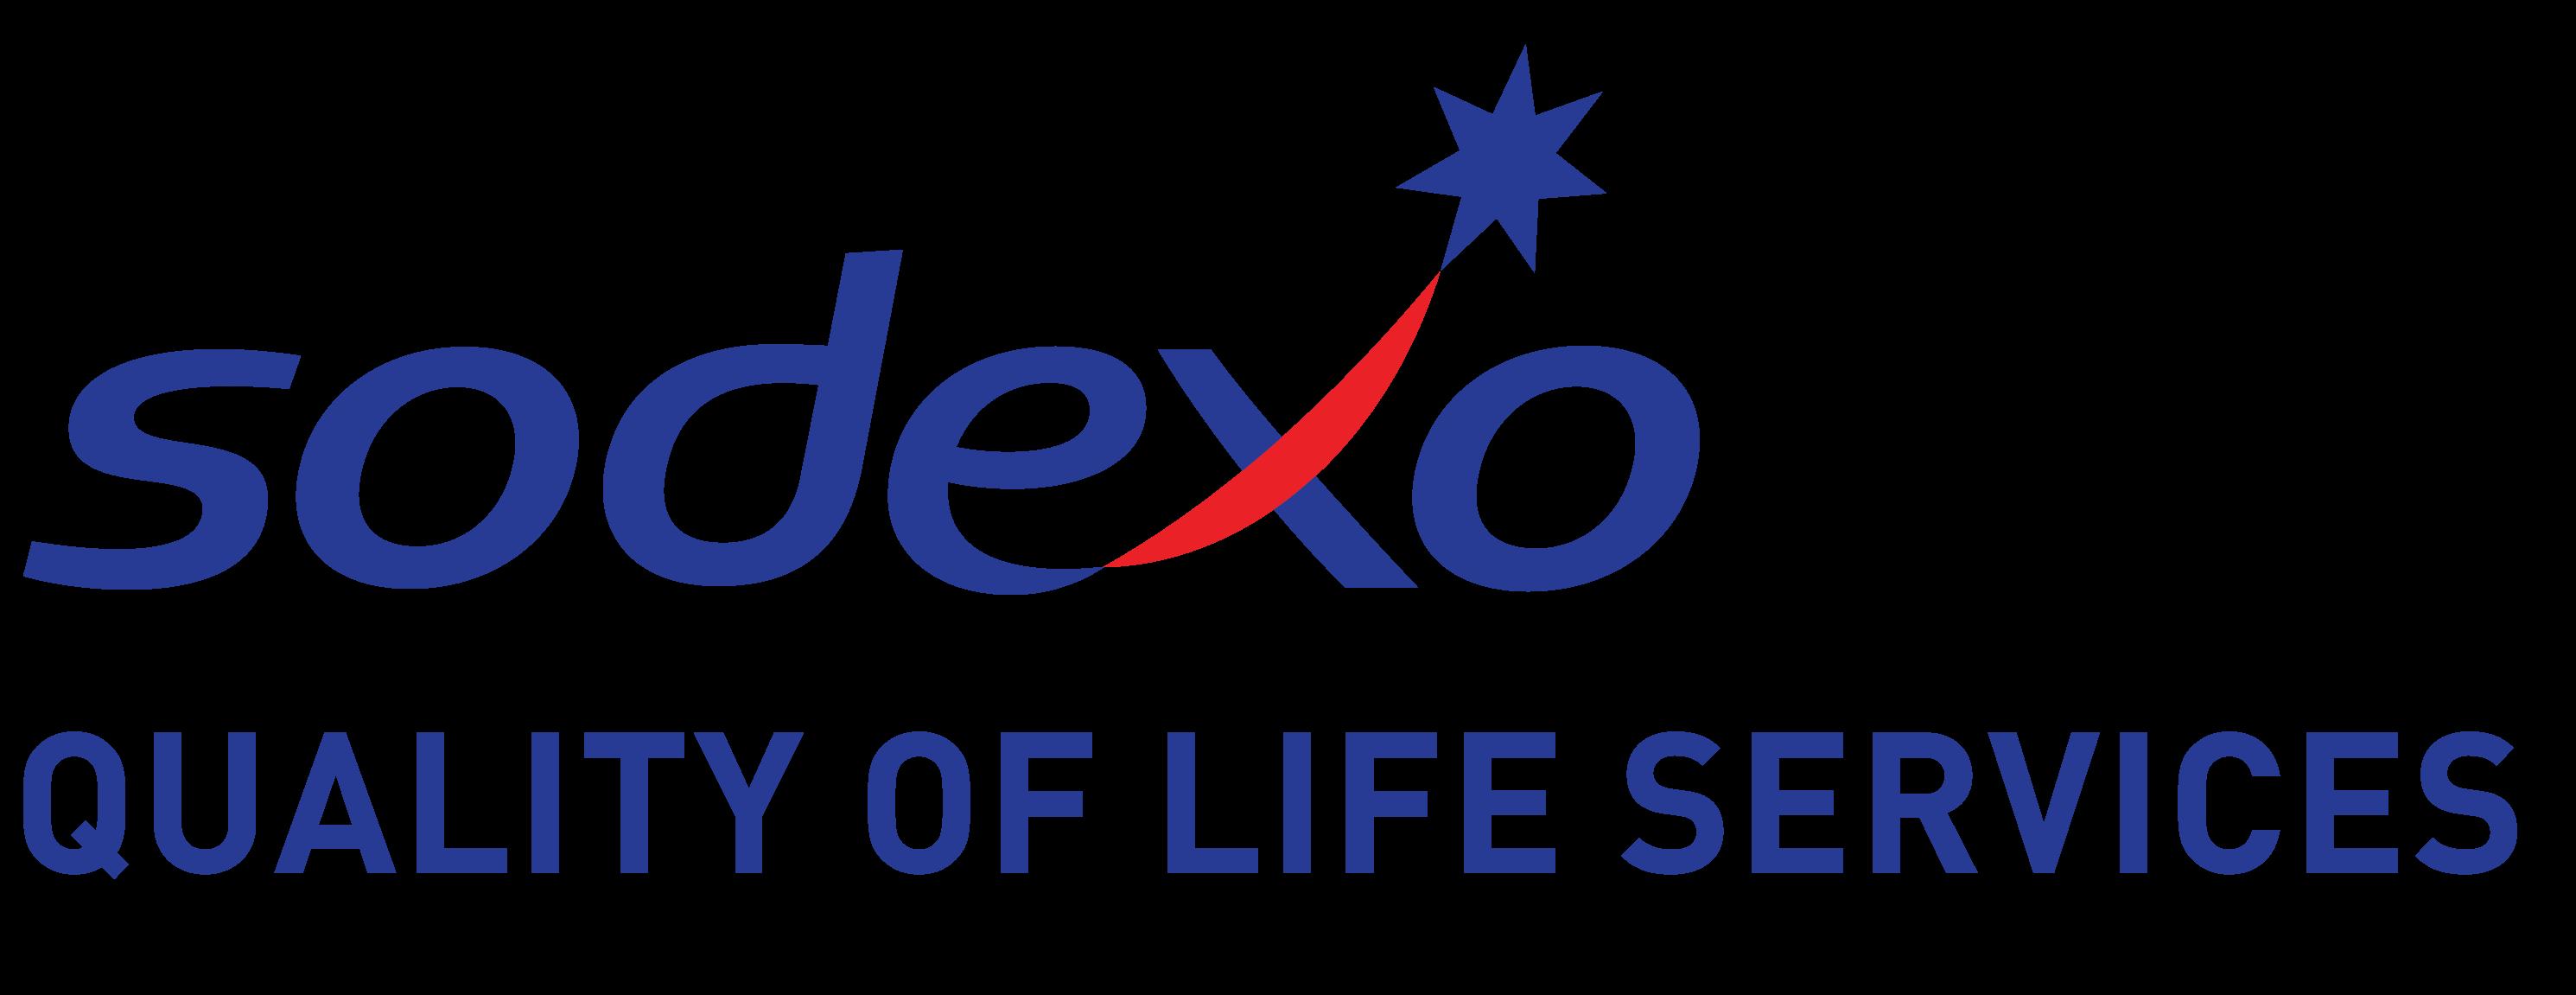 sodexo-logo-png-8.png